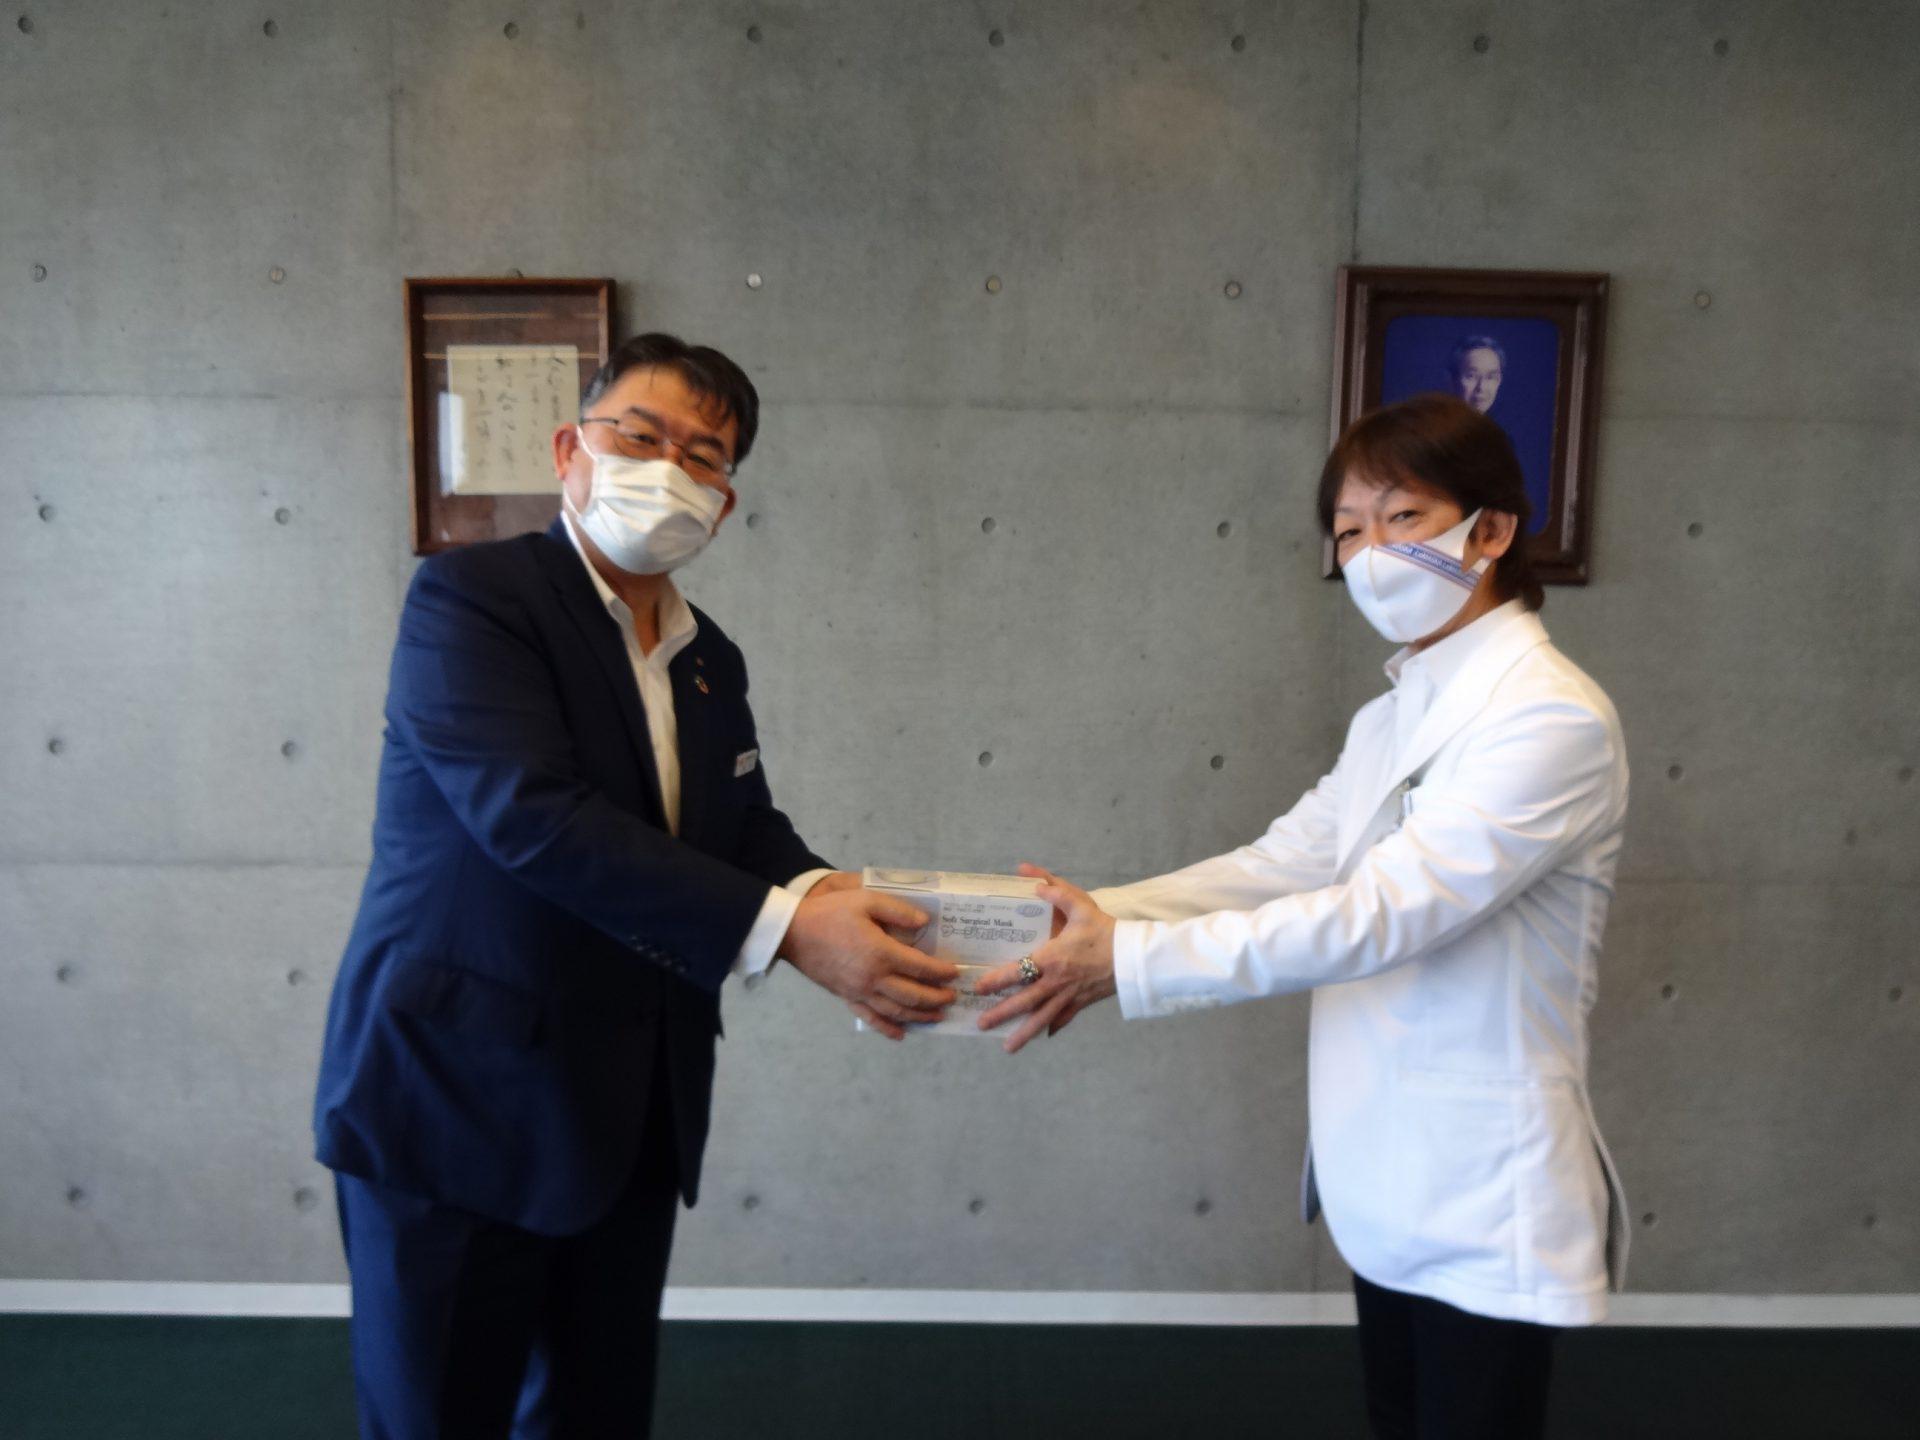 マスクの贈呈